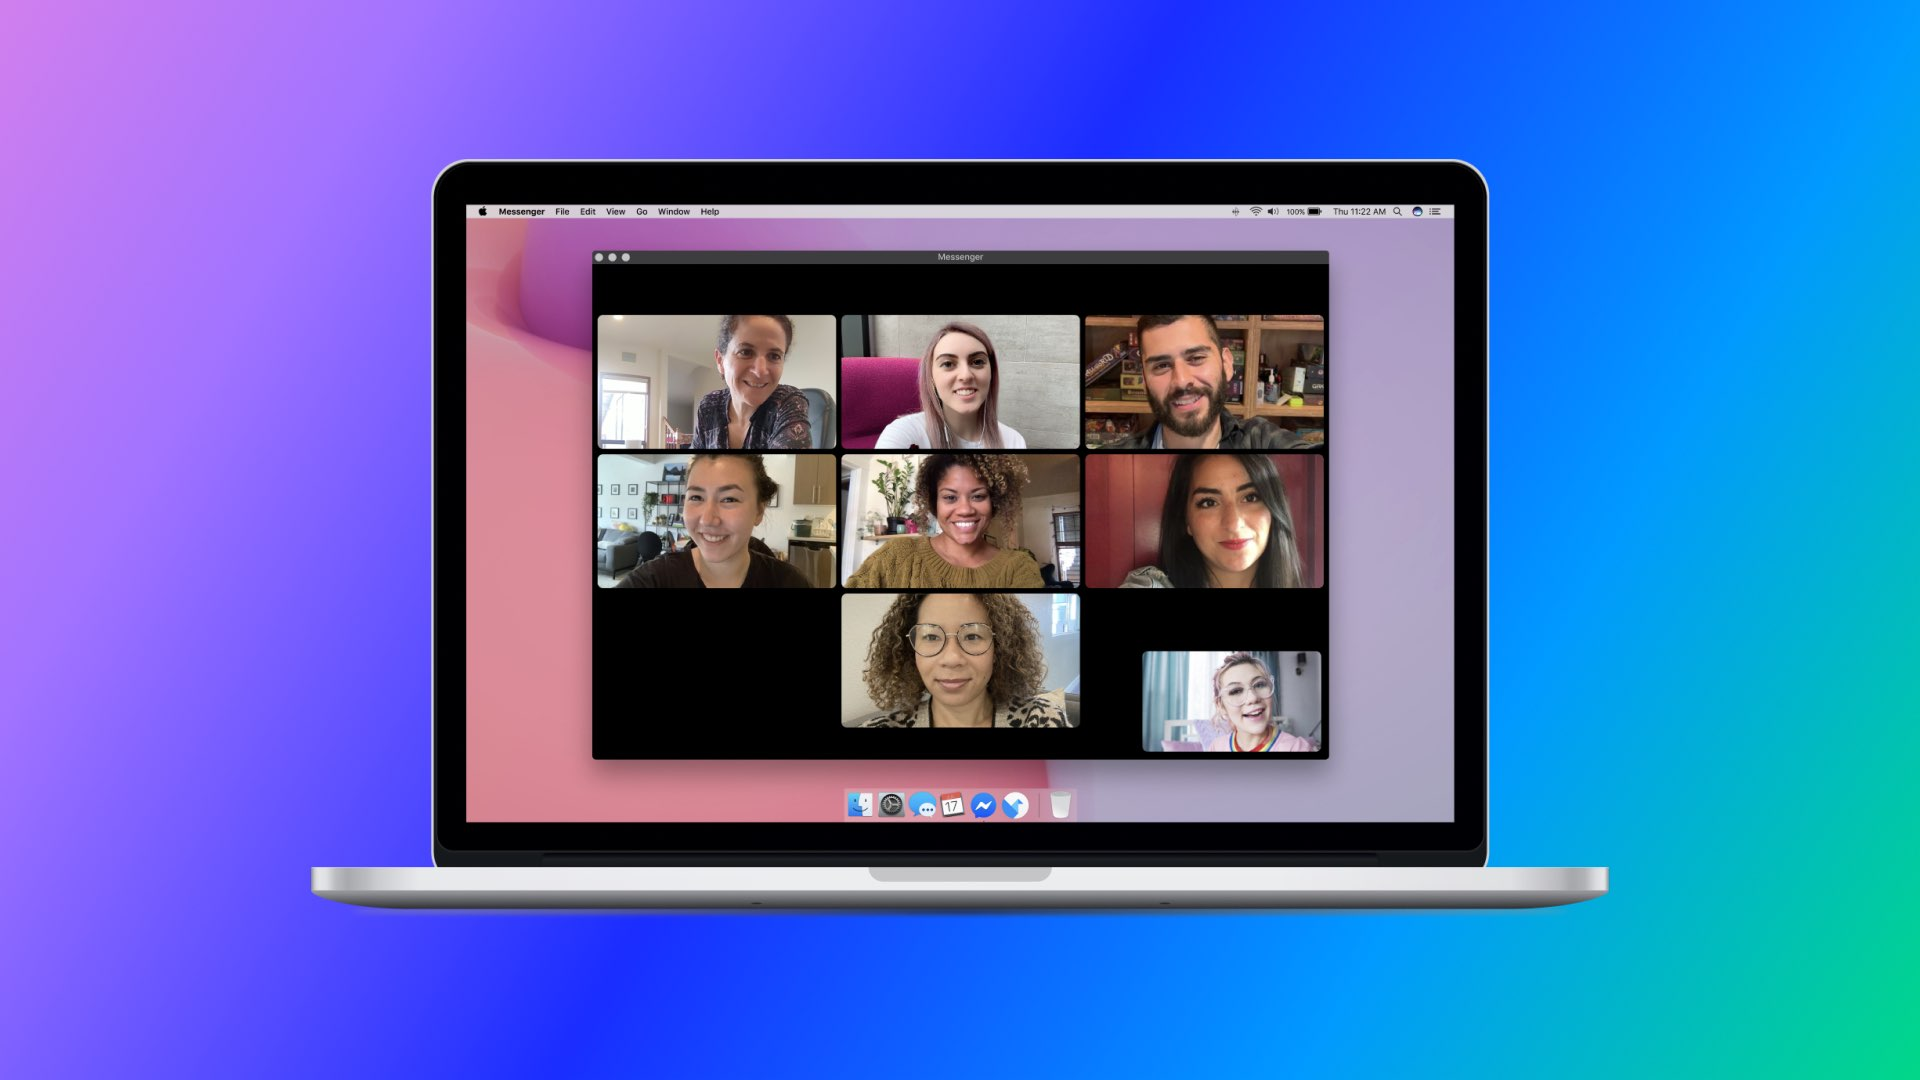 Facebook Messenger  lanza su aplicación Mac en EE. UU., Reino Unido, Alemania, Italia y otros lugares